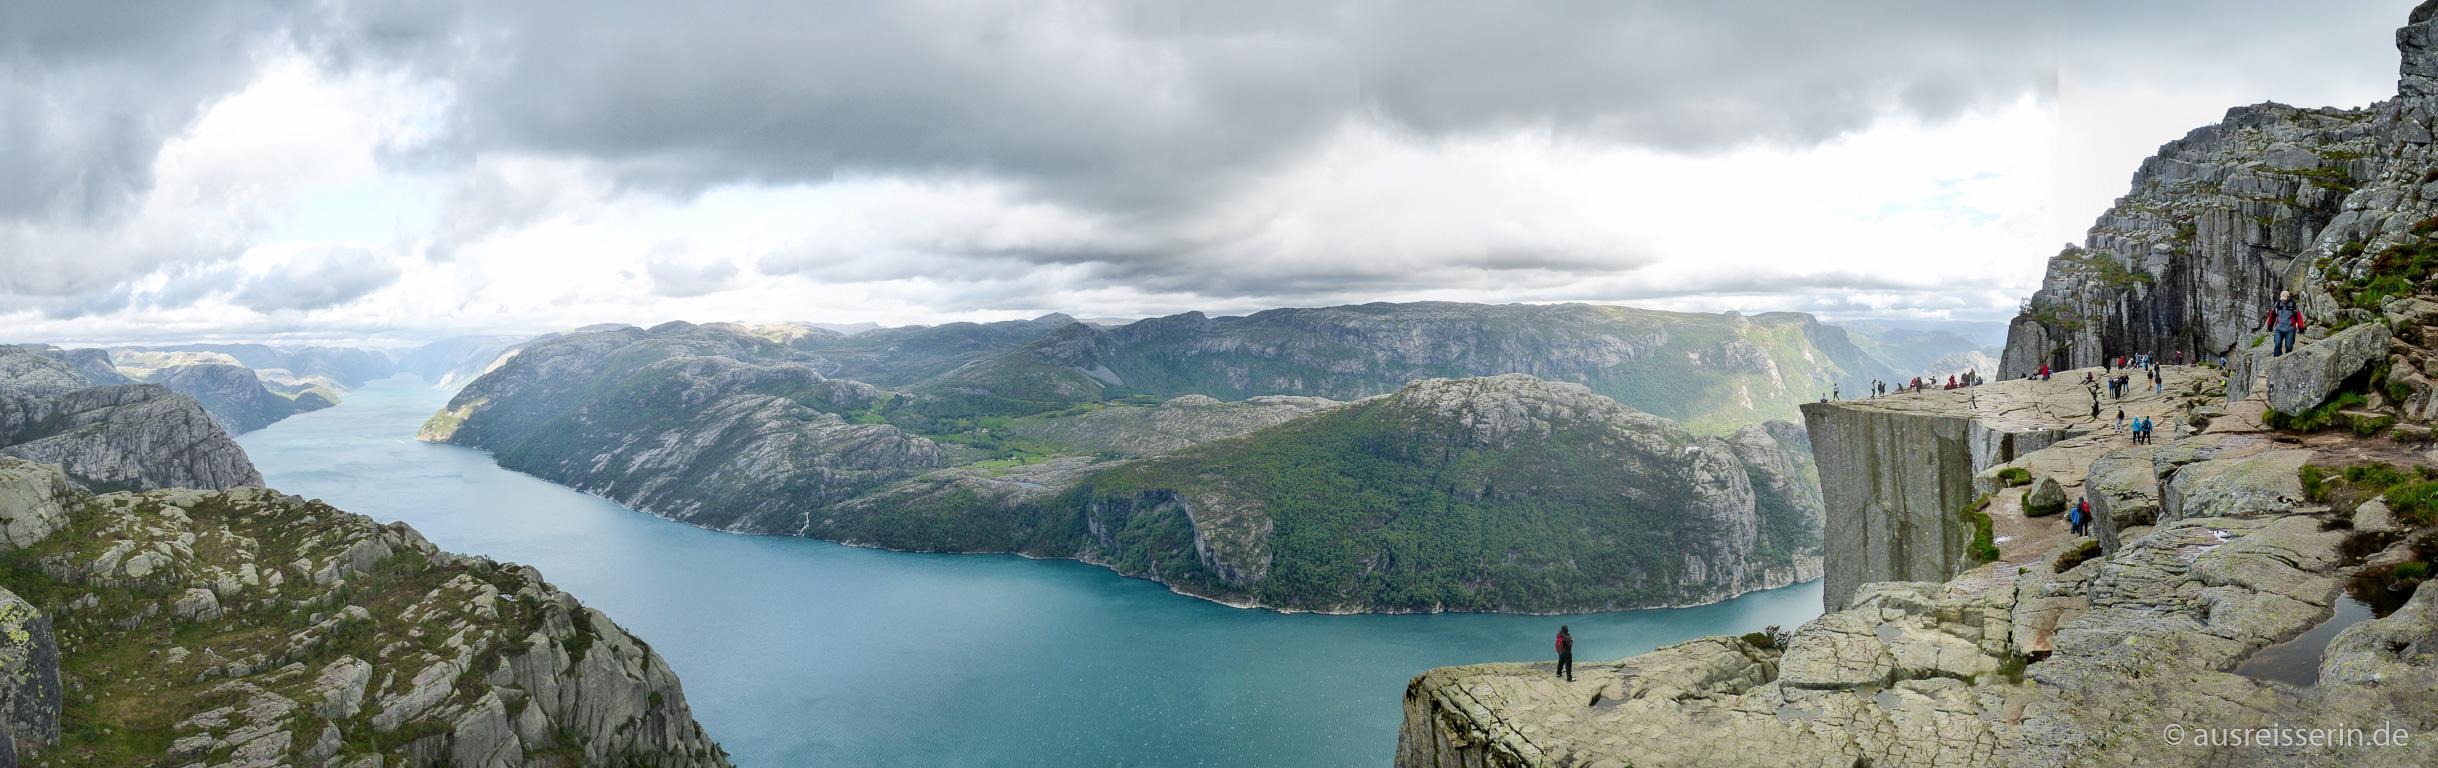 Panorama vom Preikestolen und dem Lysefjord